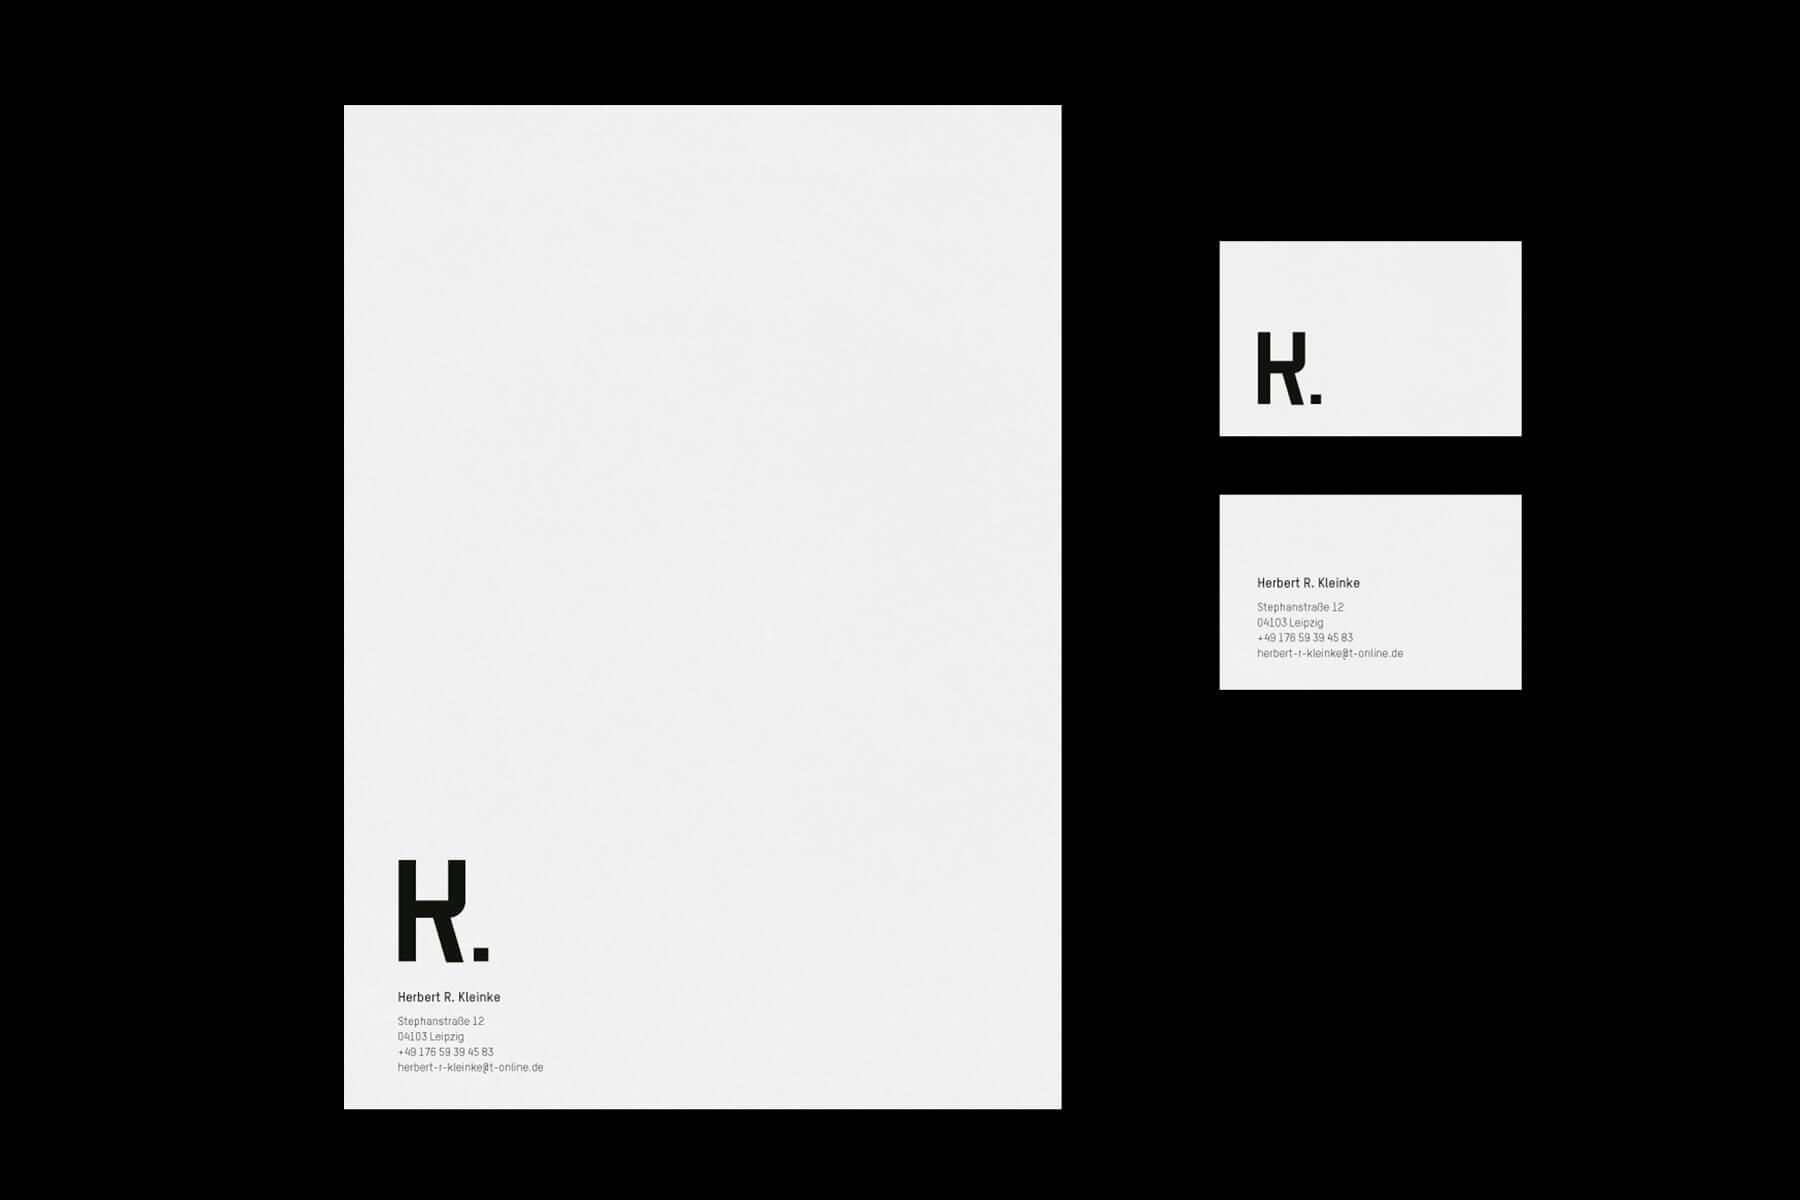 grafikdesign-janis-weidner-lindau-bodensee-identity-hrk-03